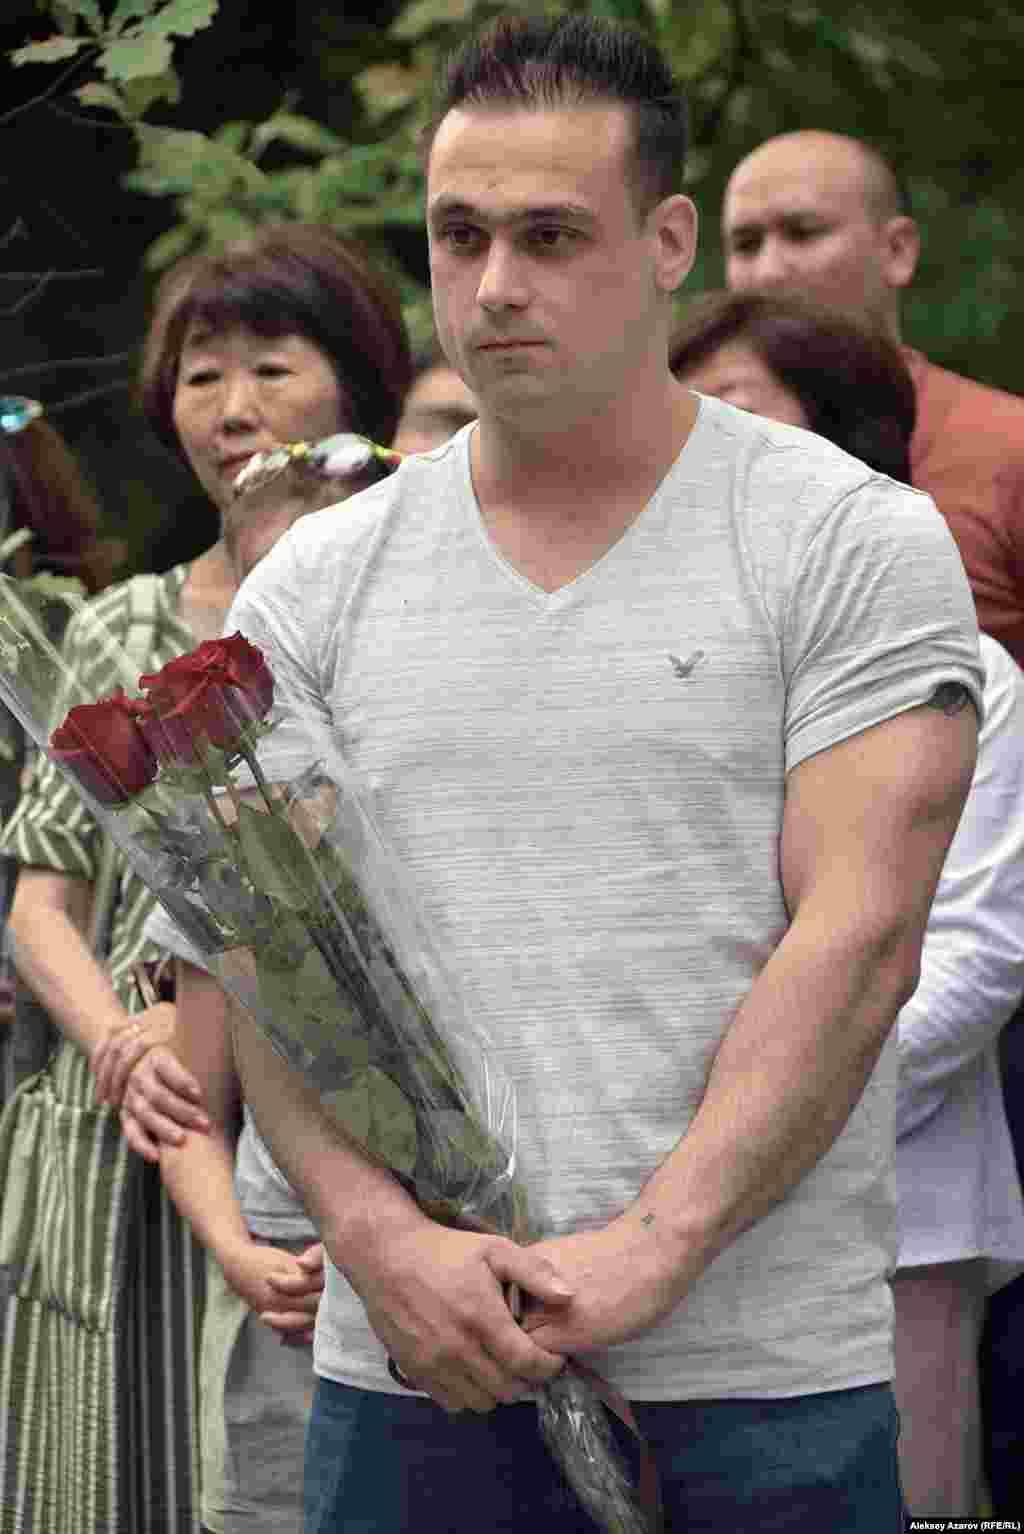 Известный казахстанский тяжелоатлет Илья Ильин на открытие памятника пришел с букетом темно-красных роз.